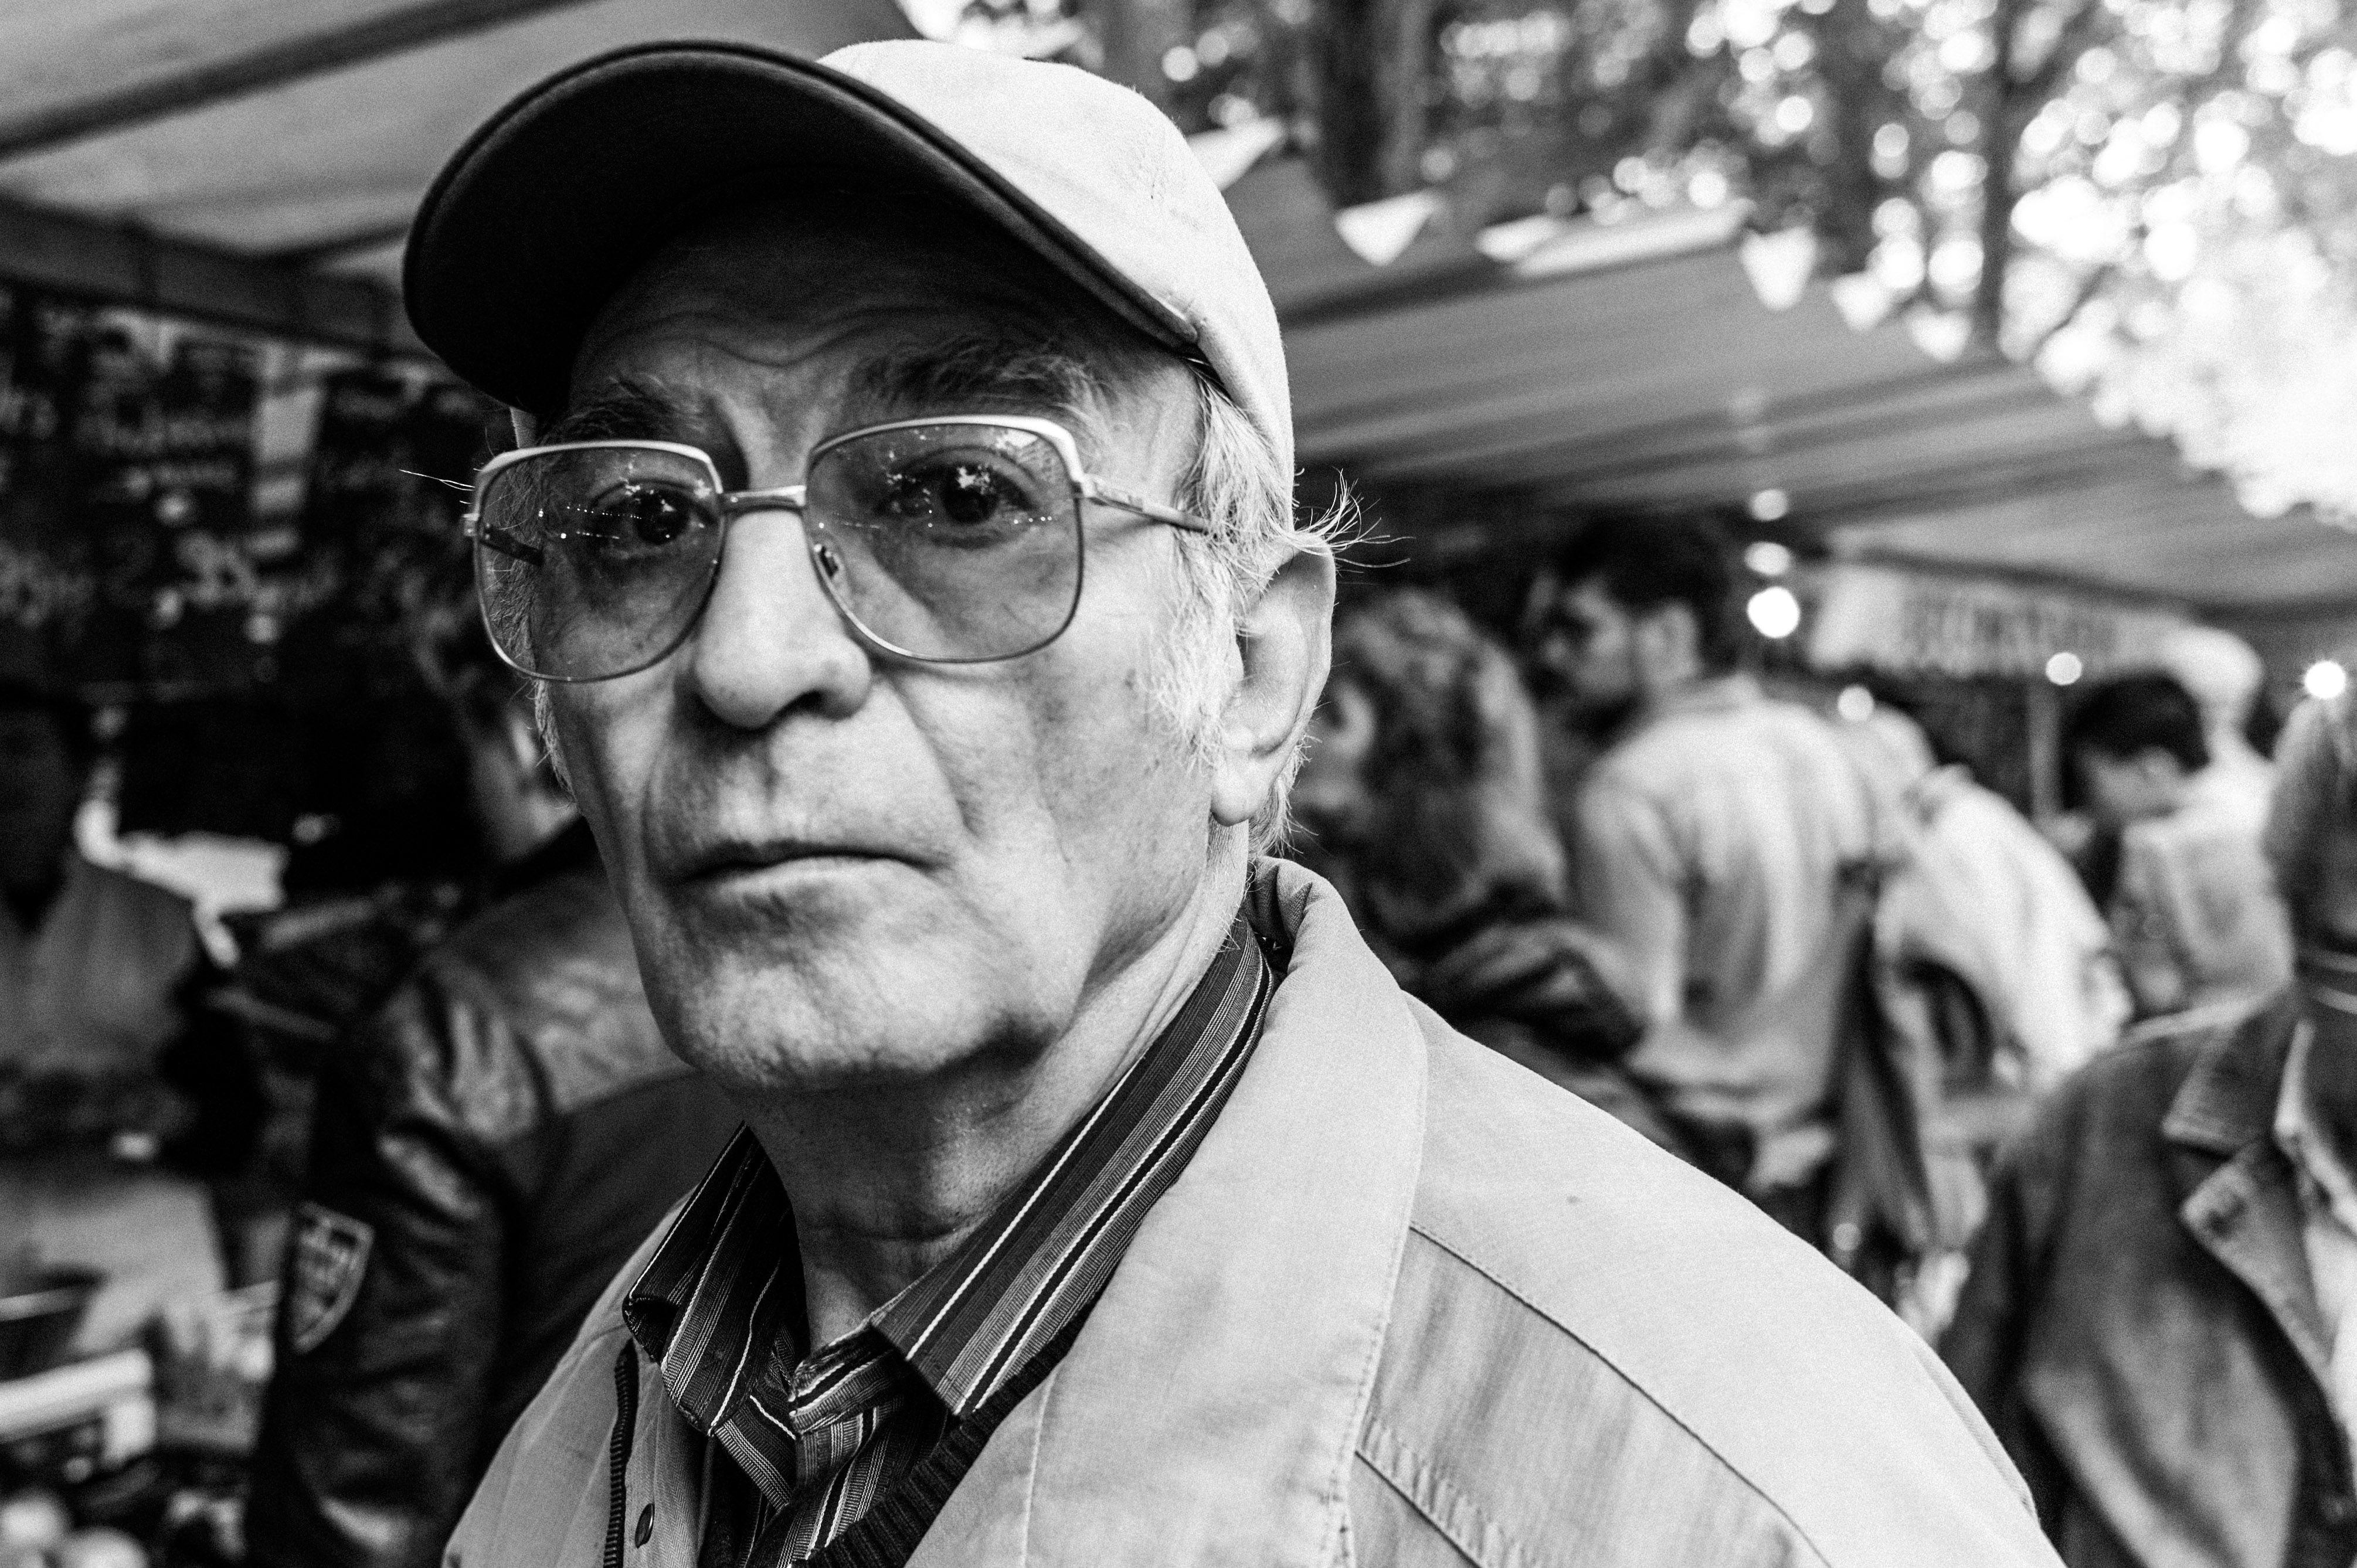 Street Portrait Of Old Man #MarchéRichardLenoir #Paris #75011 #Paris11